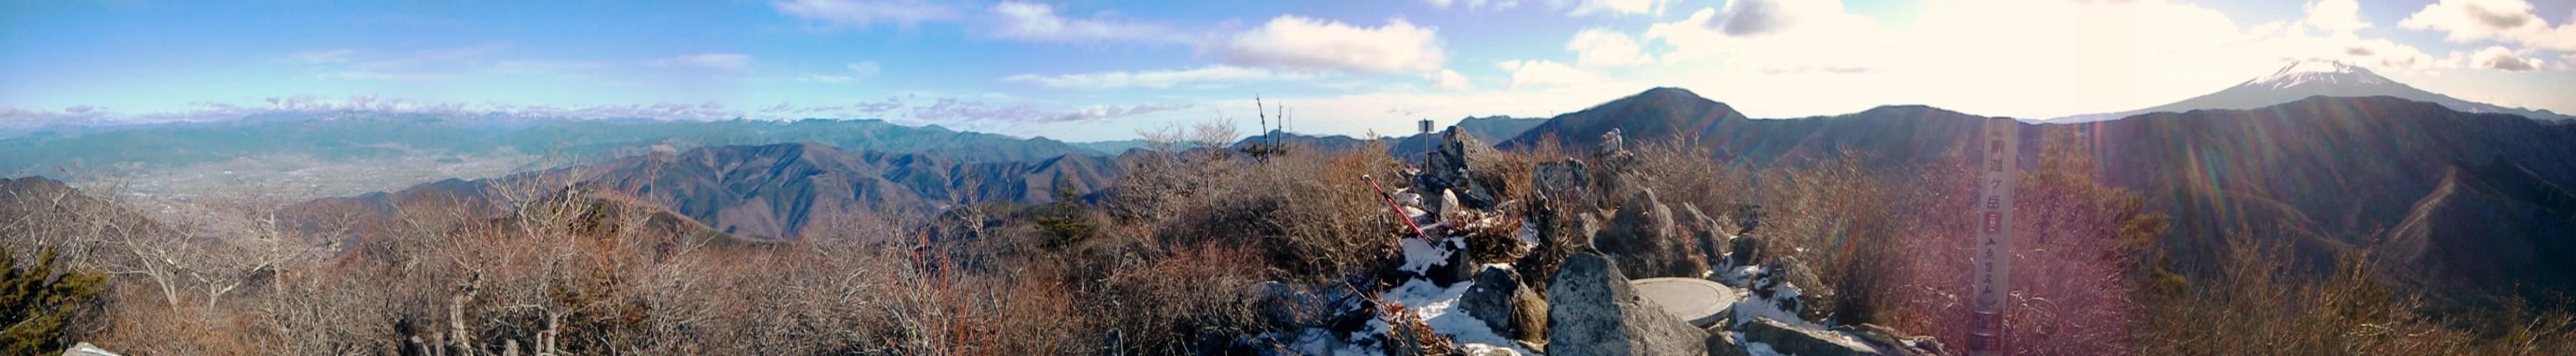 2011/1/2 山梨の御坂にある釈迦が岳に行ってきました。良い天気で風もさほど無かったようですがやはり時々吹く風は冷たかったです。日向坂峠(ドンペイ峠)から、雪が少し付いていました。凍っている箇所もありましたが、アイゼン付けるほどでもなかったです。by kazuo